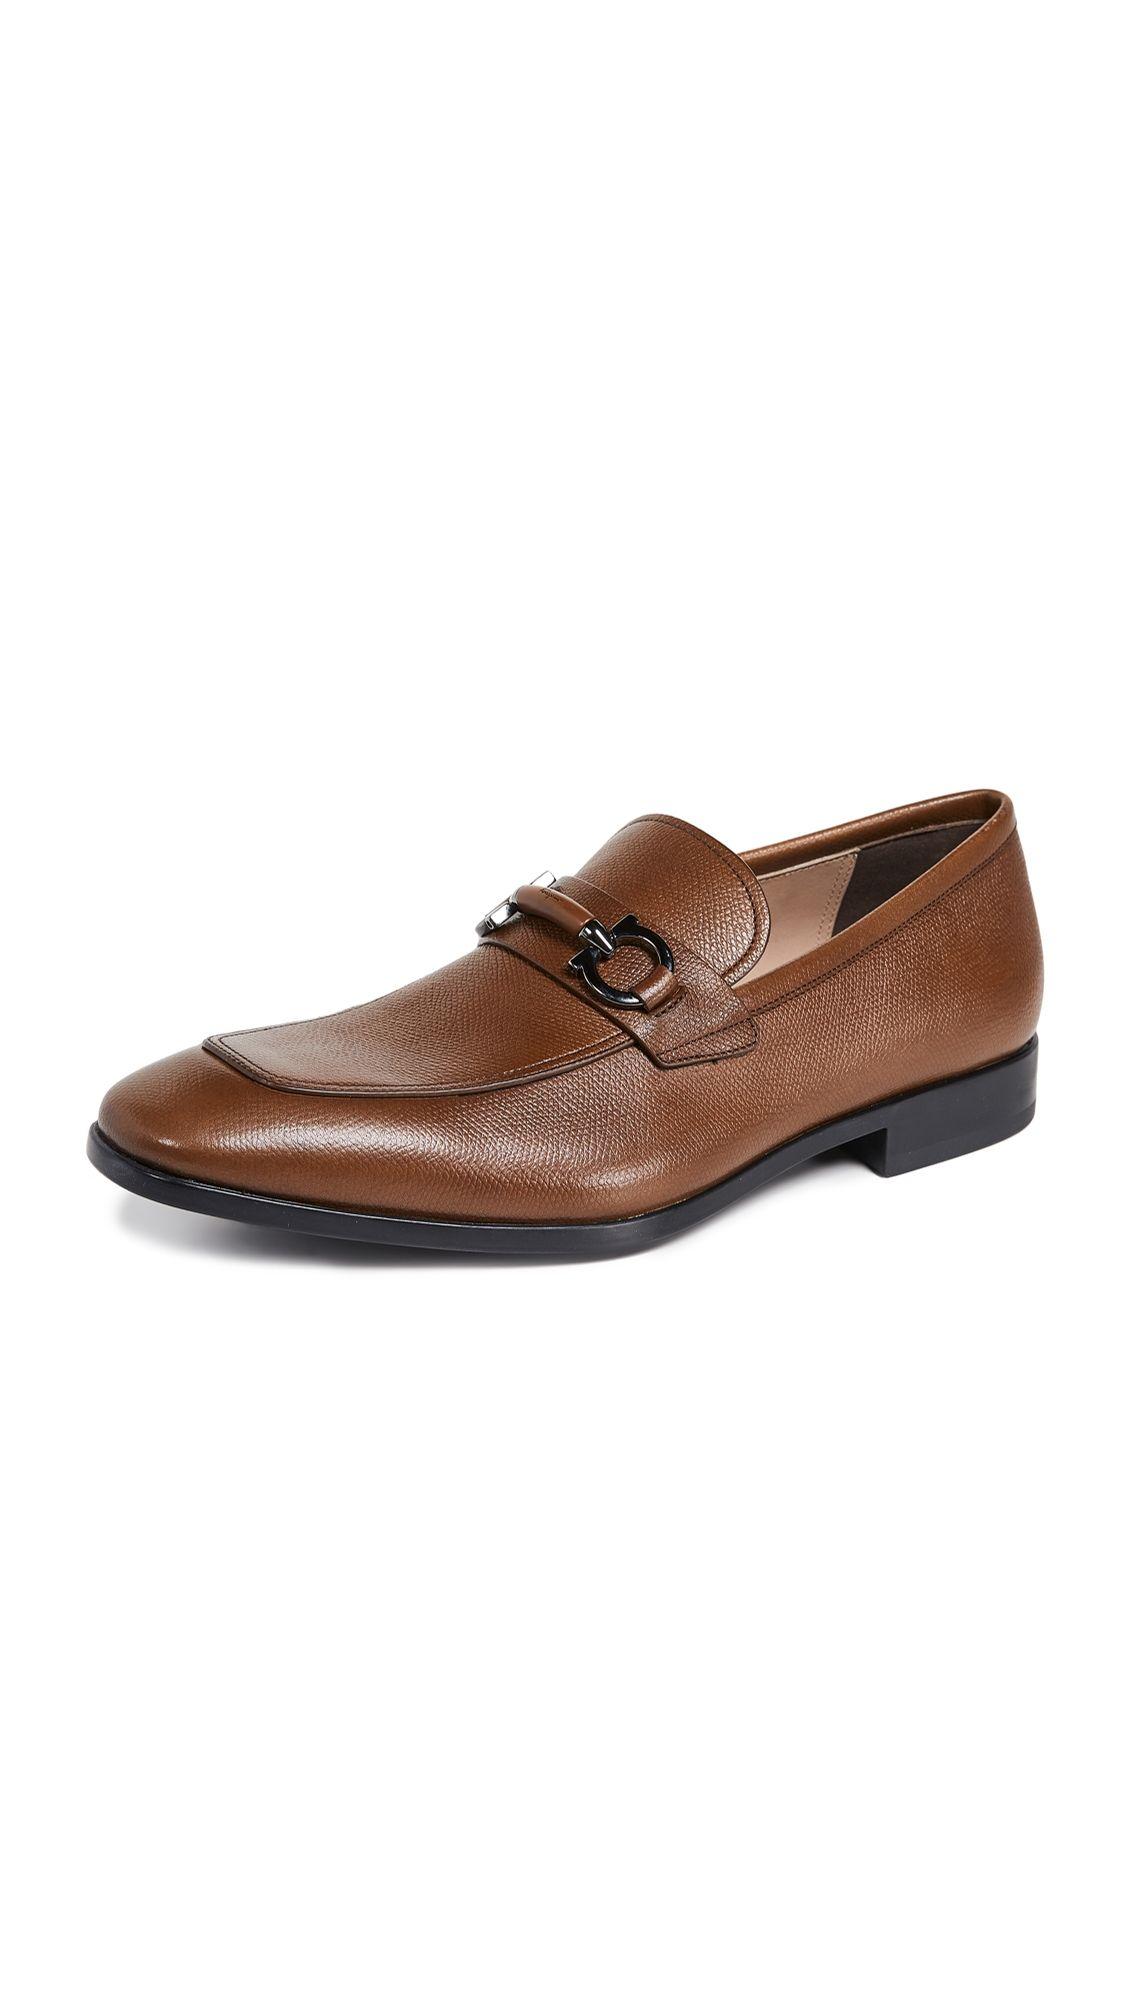 bfd41ce5618 SALVATORE FERRAGAMO BENFORD LOAFERS.  salvatoreferragamo  shoes Chaussure